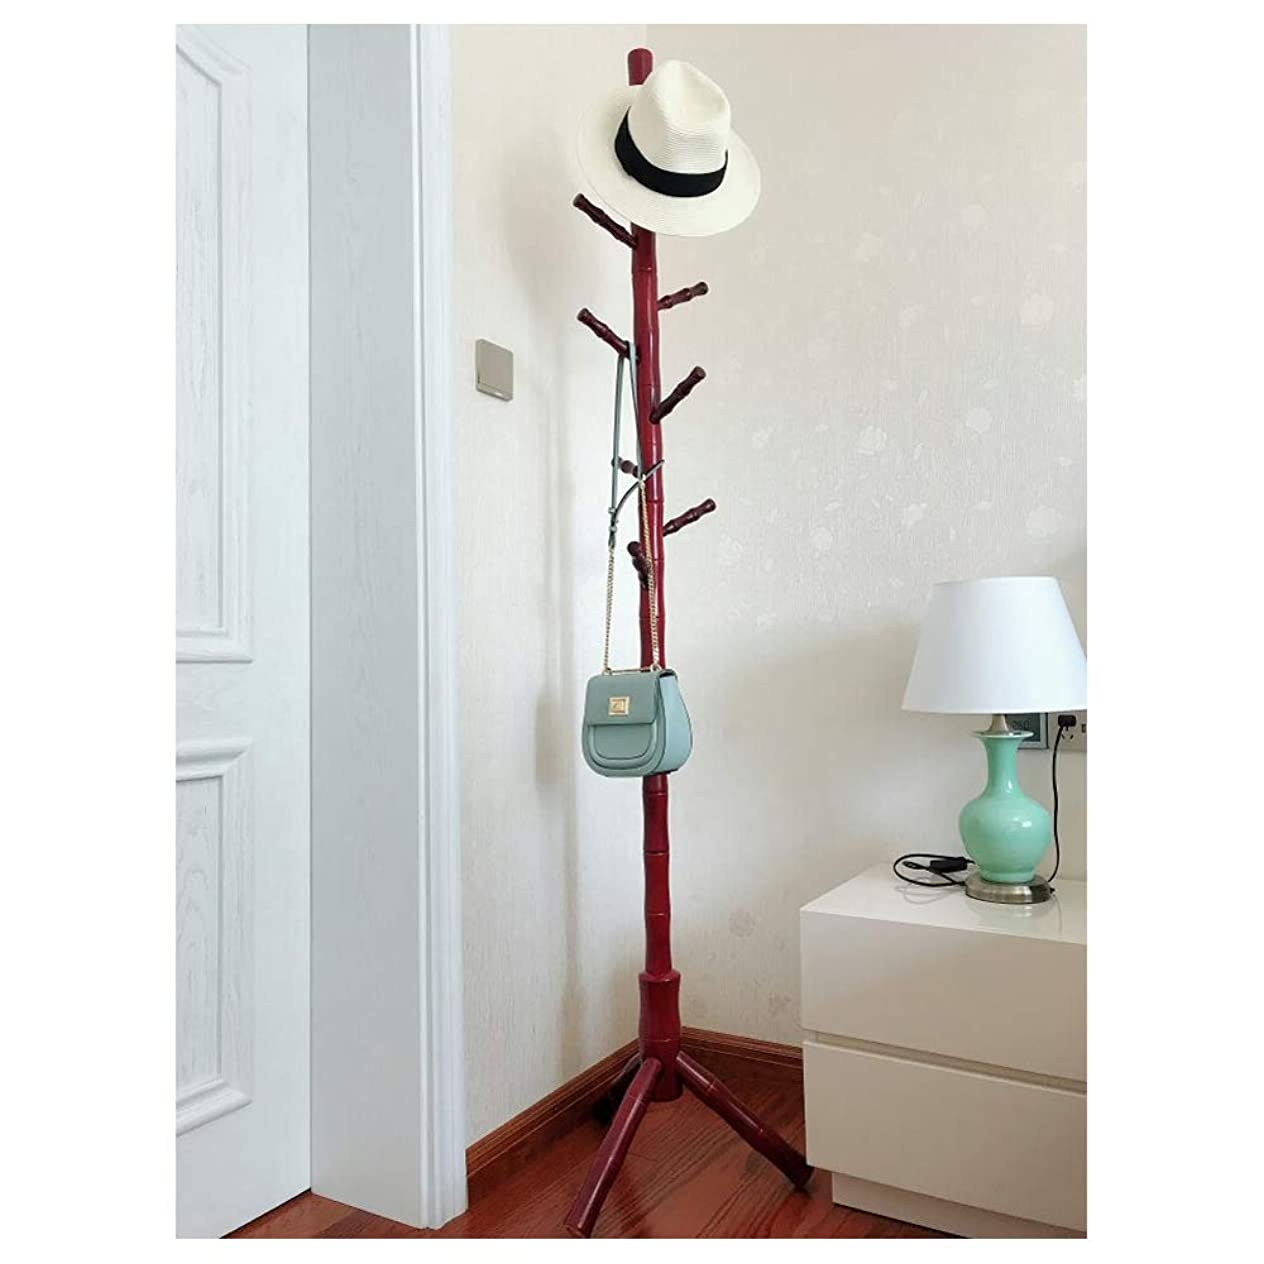 はっきりと製作作り上げる自立コートラックスタンド、シンプルな純木洋服帽子ハンガー-ジャケットローブ帽子バッグキースカーフバッグ竹祭りブナ11フック184 * 50 cm